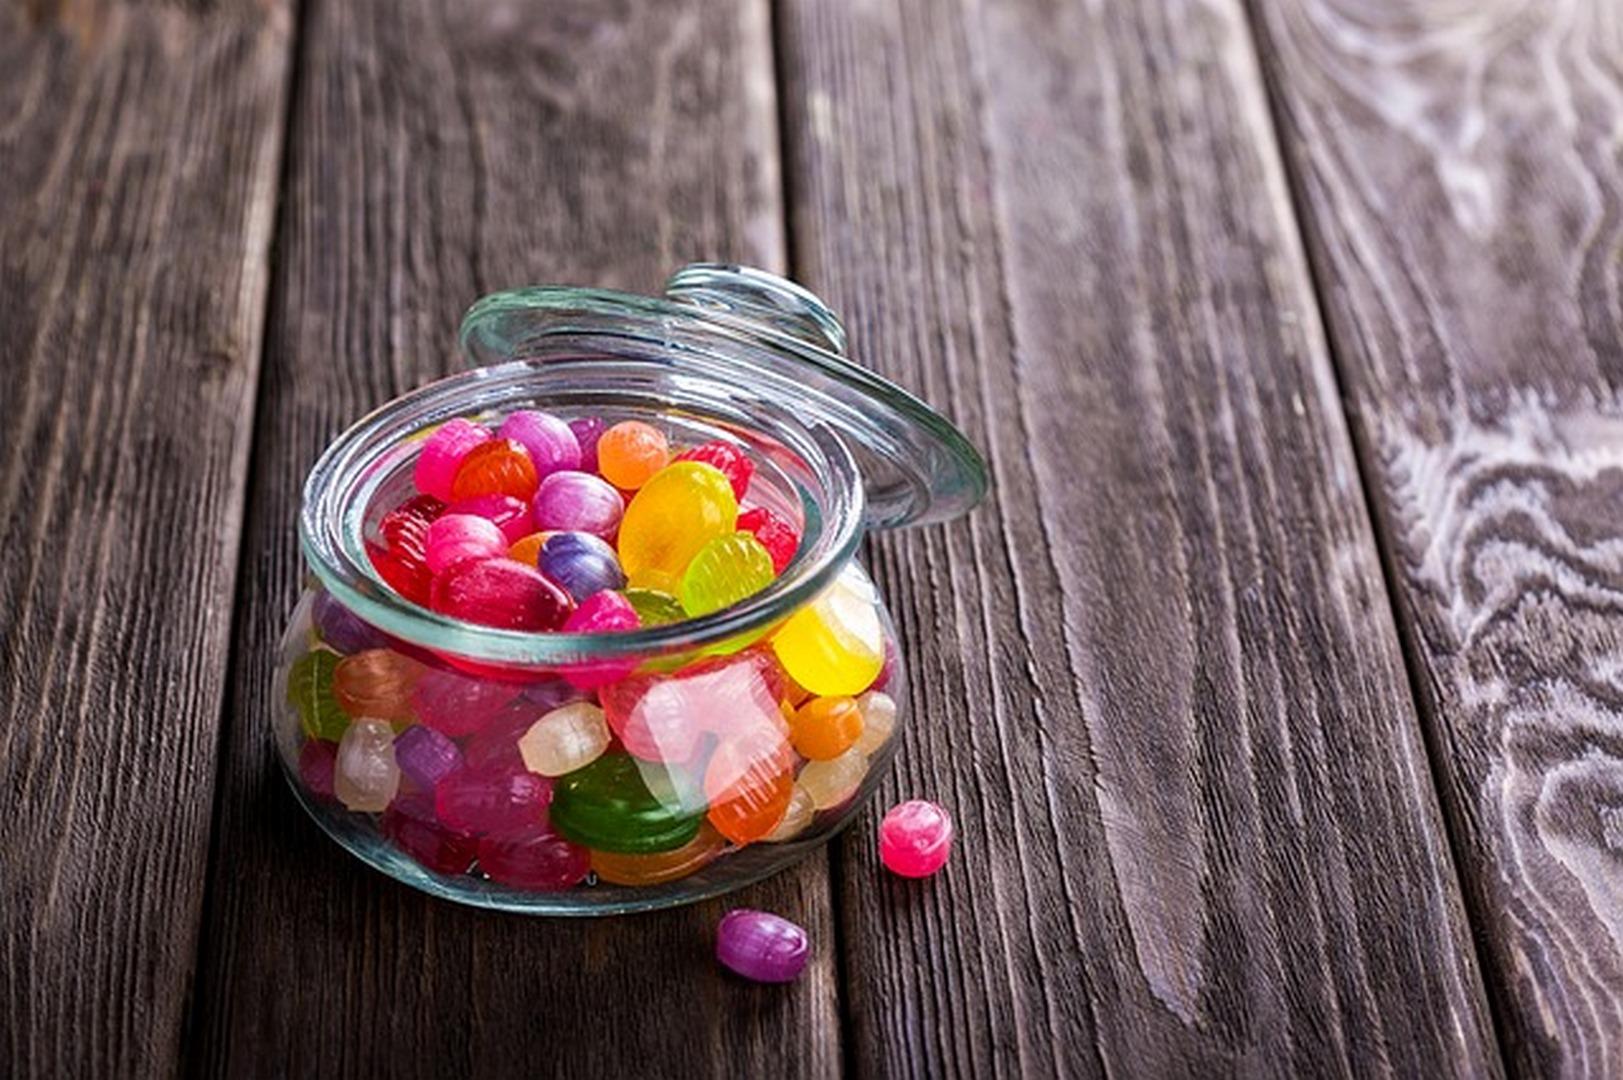 Krówki okolicznościowe, czyli cukierki na każdą okazję!